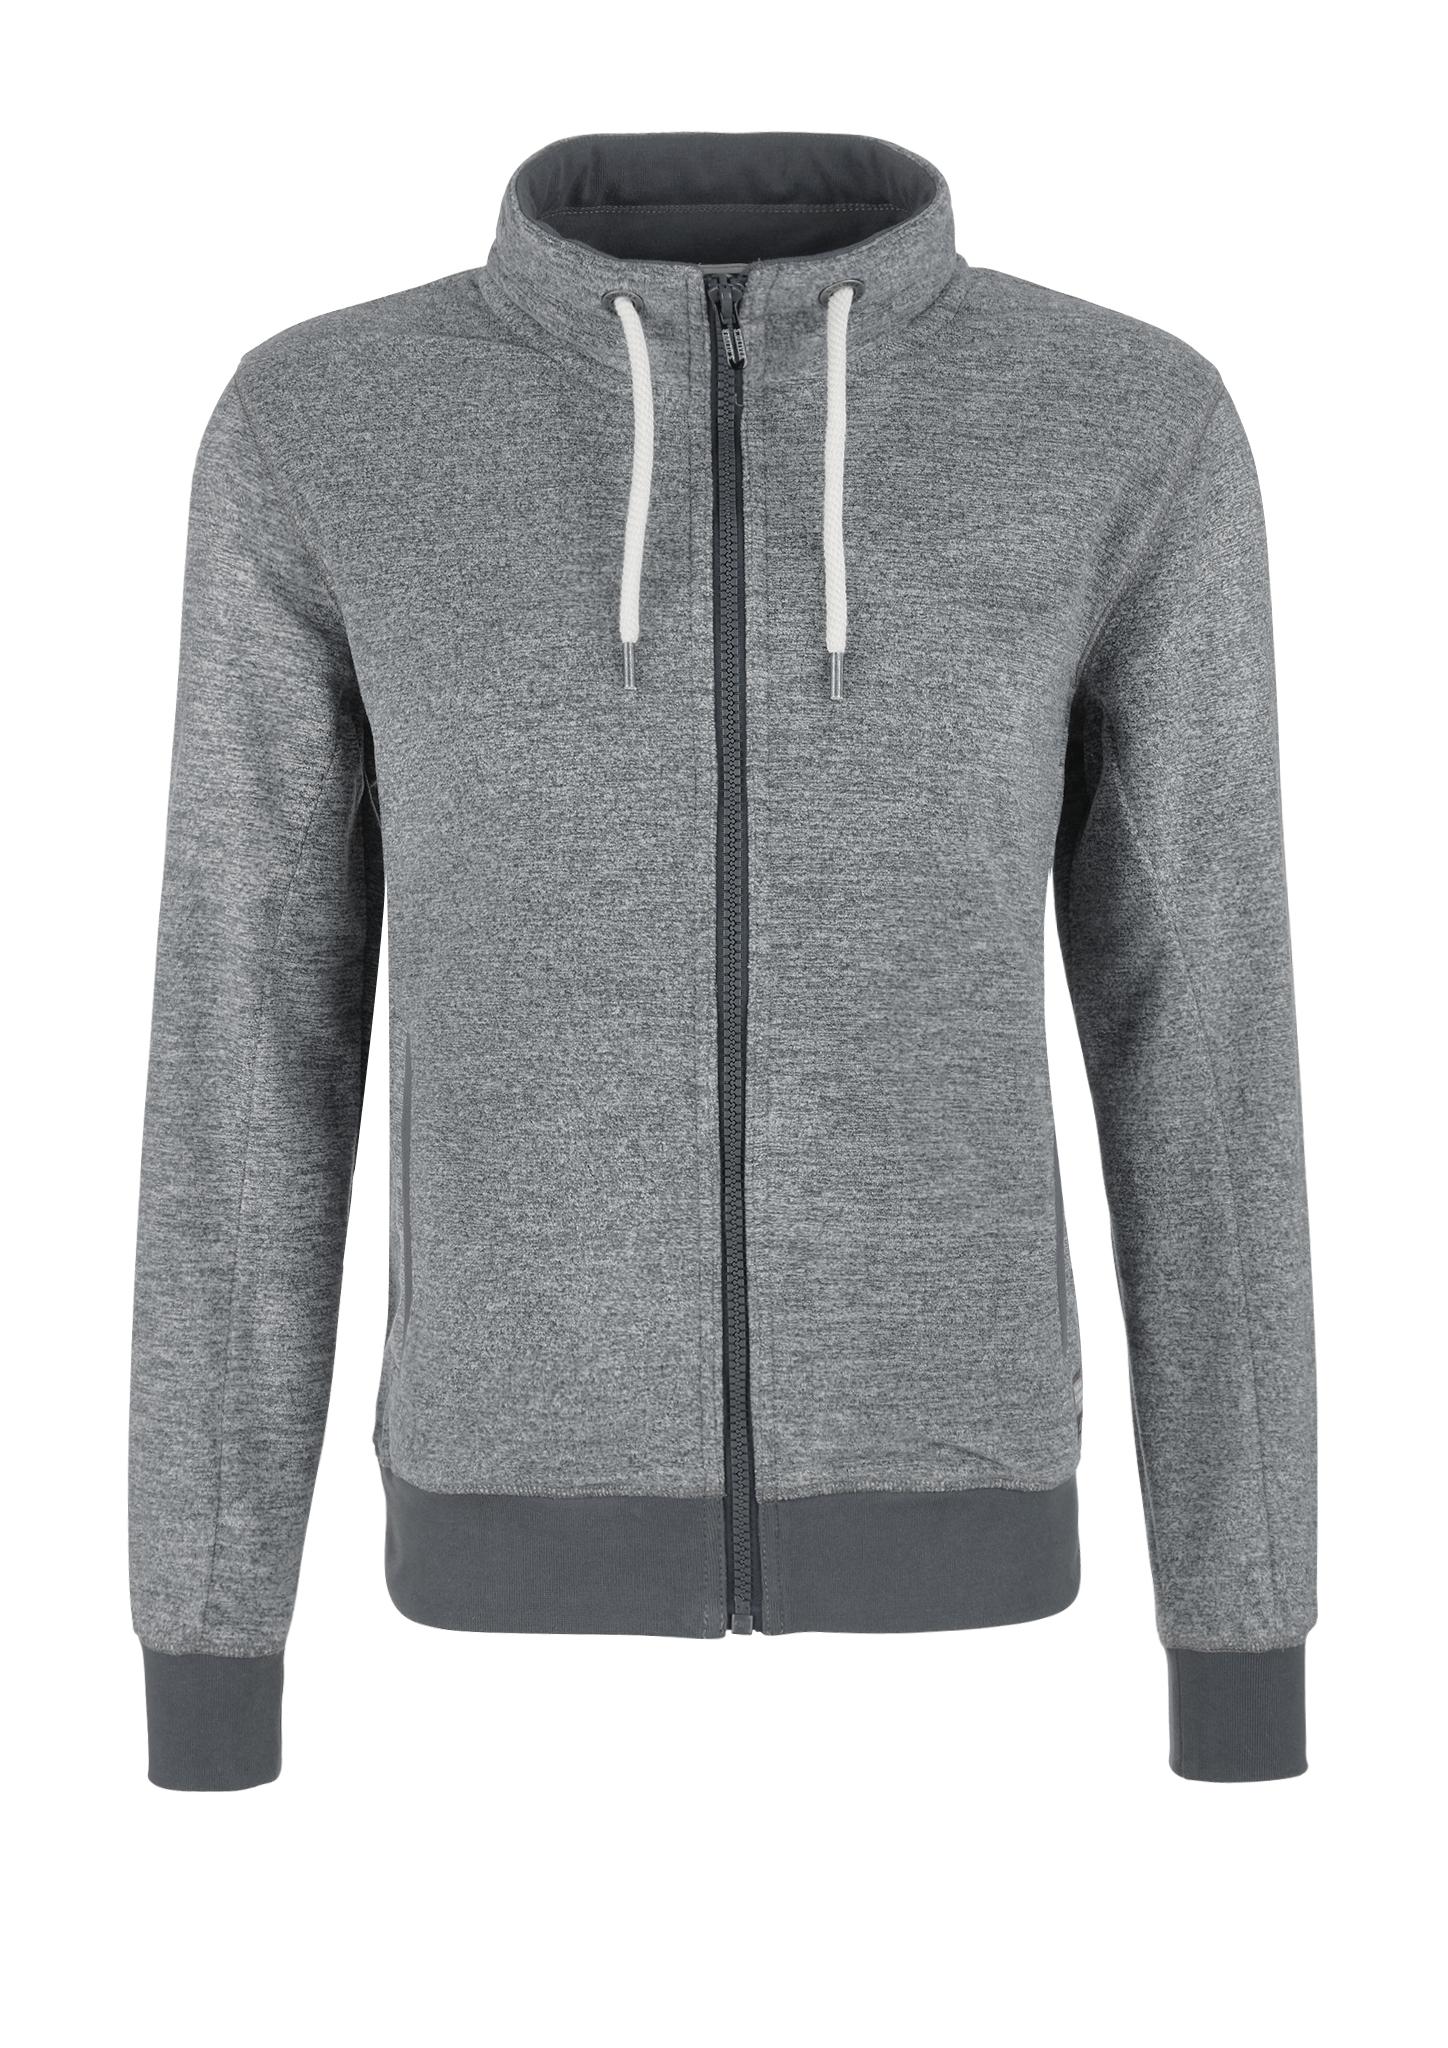 Sweatjacke   Bekleidung > Sweatshirts & -jacken > Sweatjacken   Grau/schwarz   Obermaterial 100% polyester  kragen/manschette/bund 95% baumwolle -  5% elasthan   s.Oliver